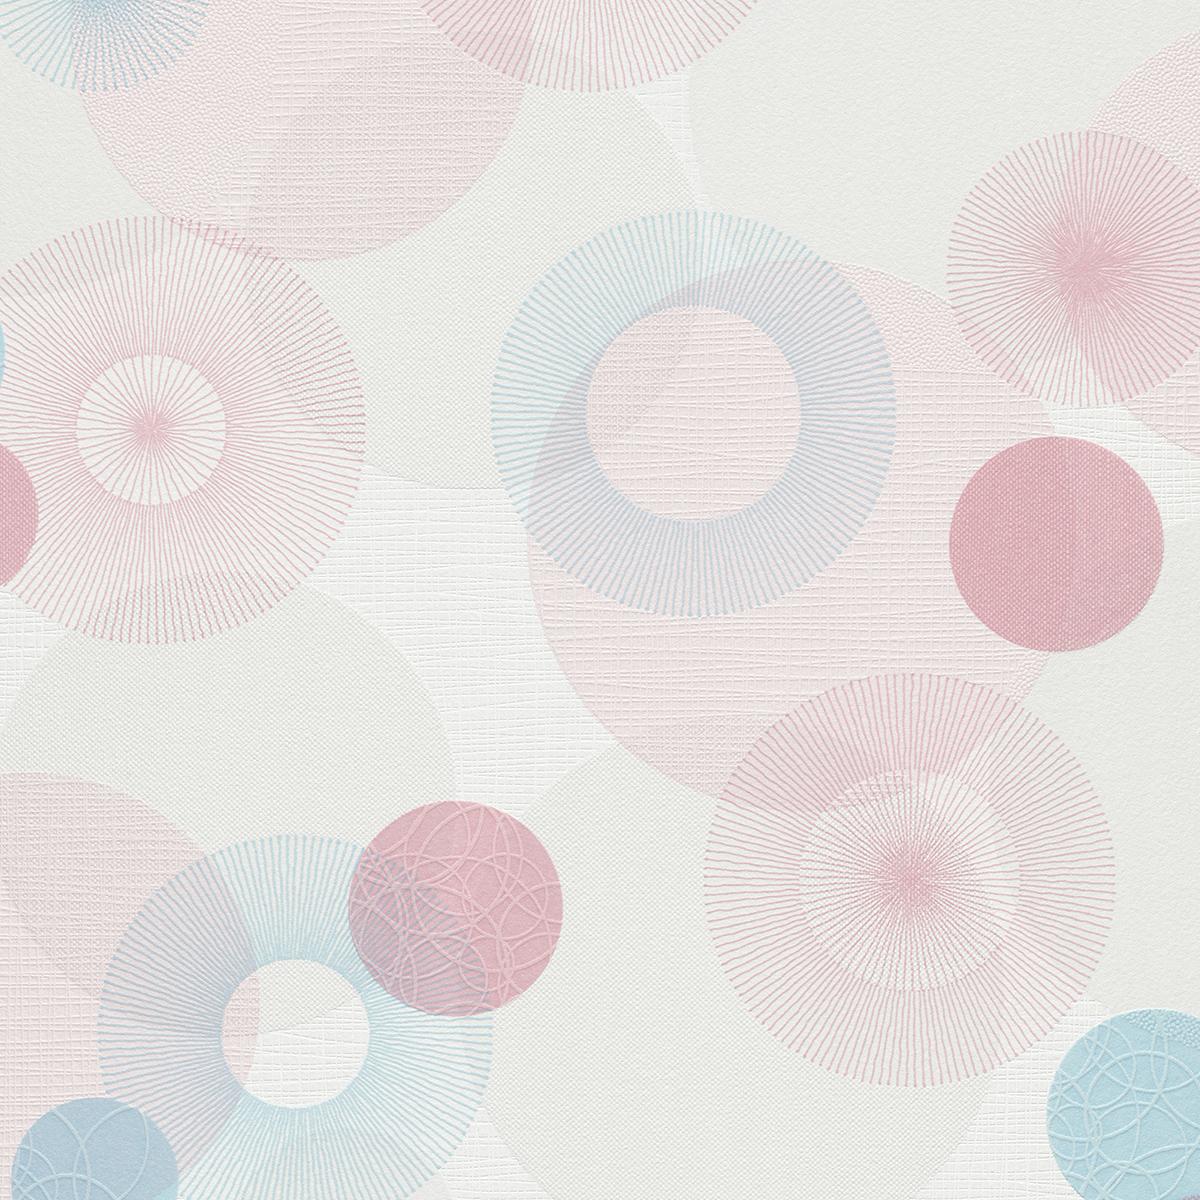 тапет Бестселър 3 кръгове розово